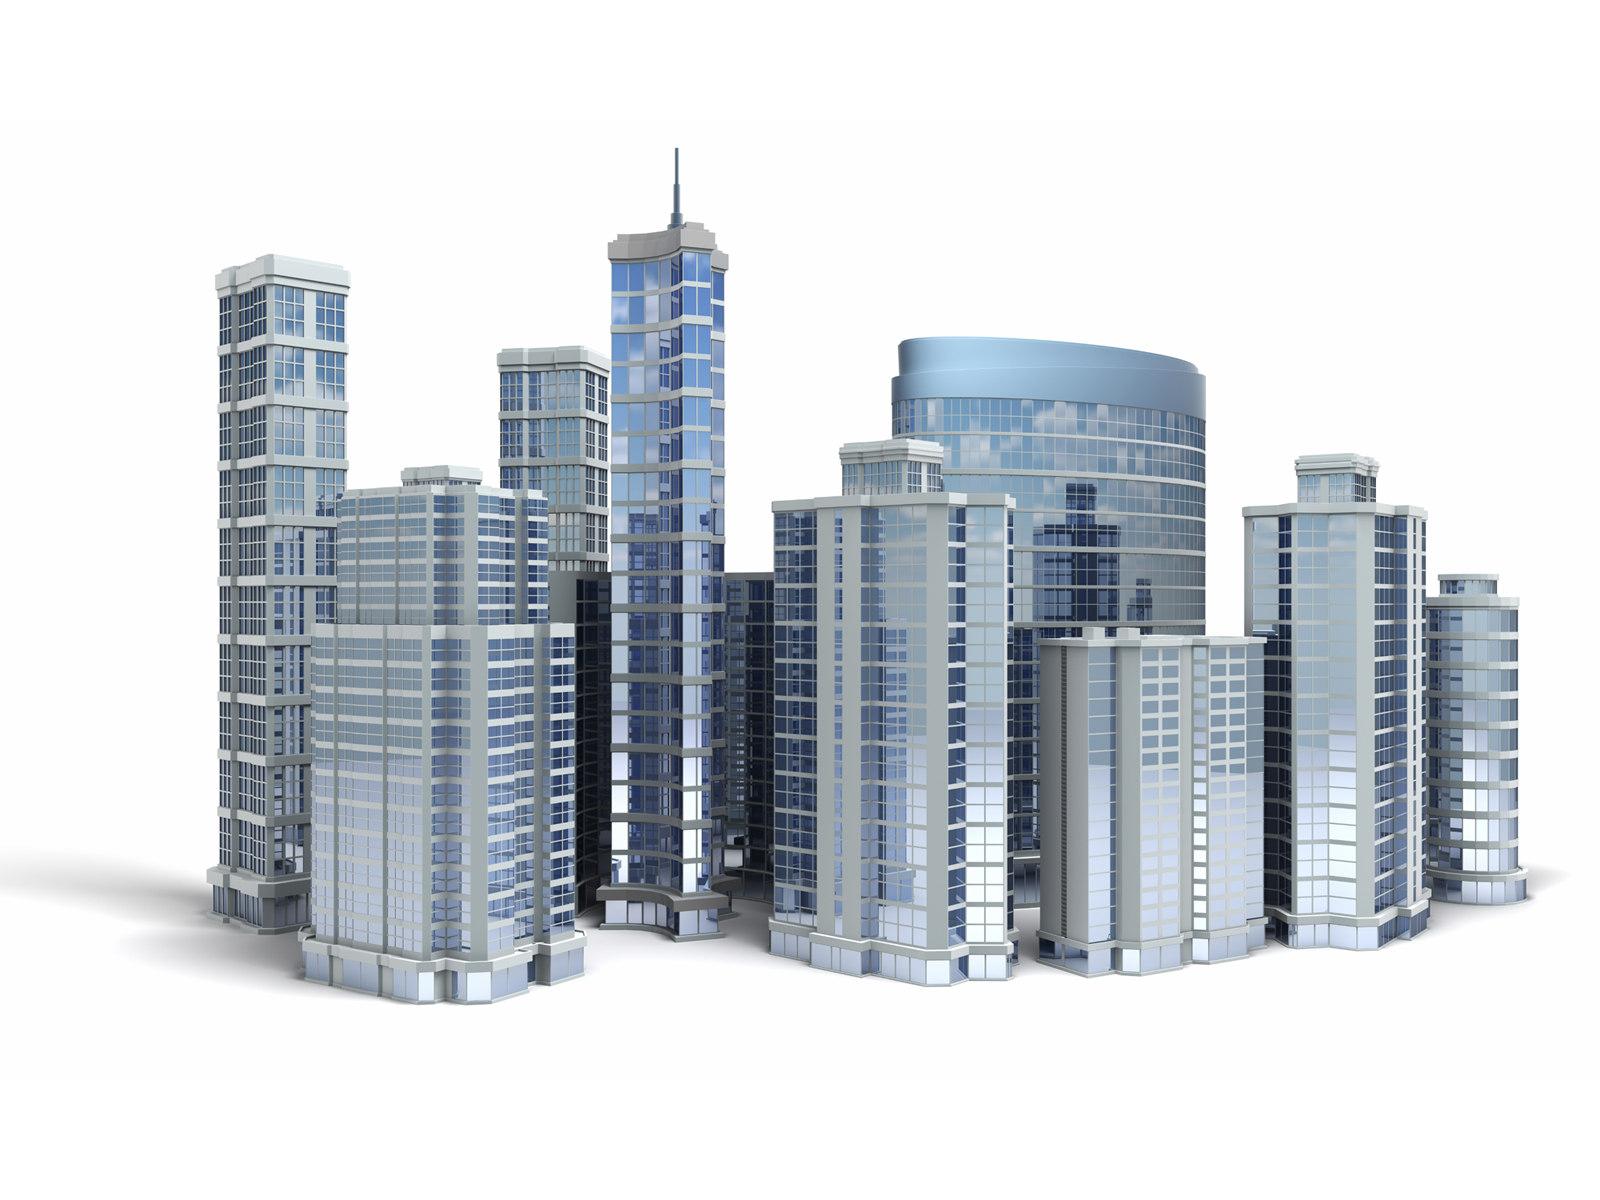 设计图/建筑设计图建筑模型高清图片素材专辑2(21P) [作者来源:黄叶...